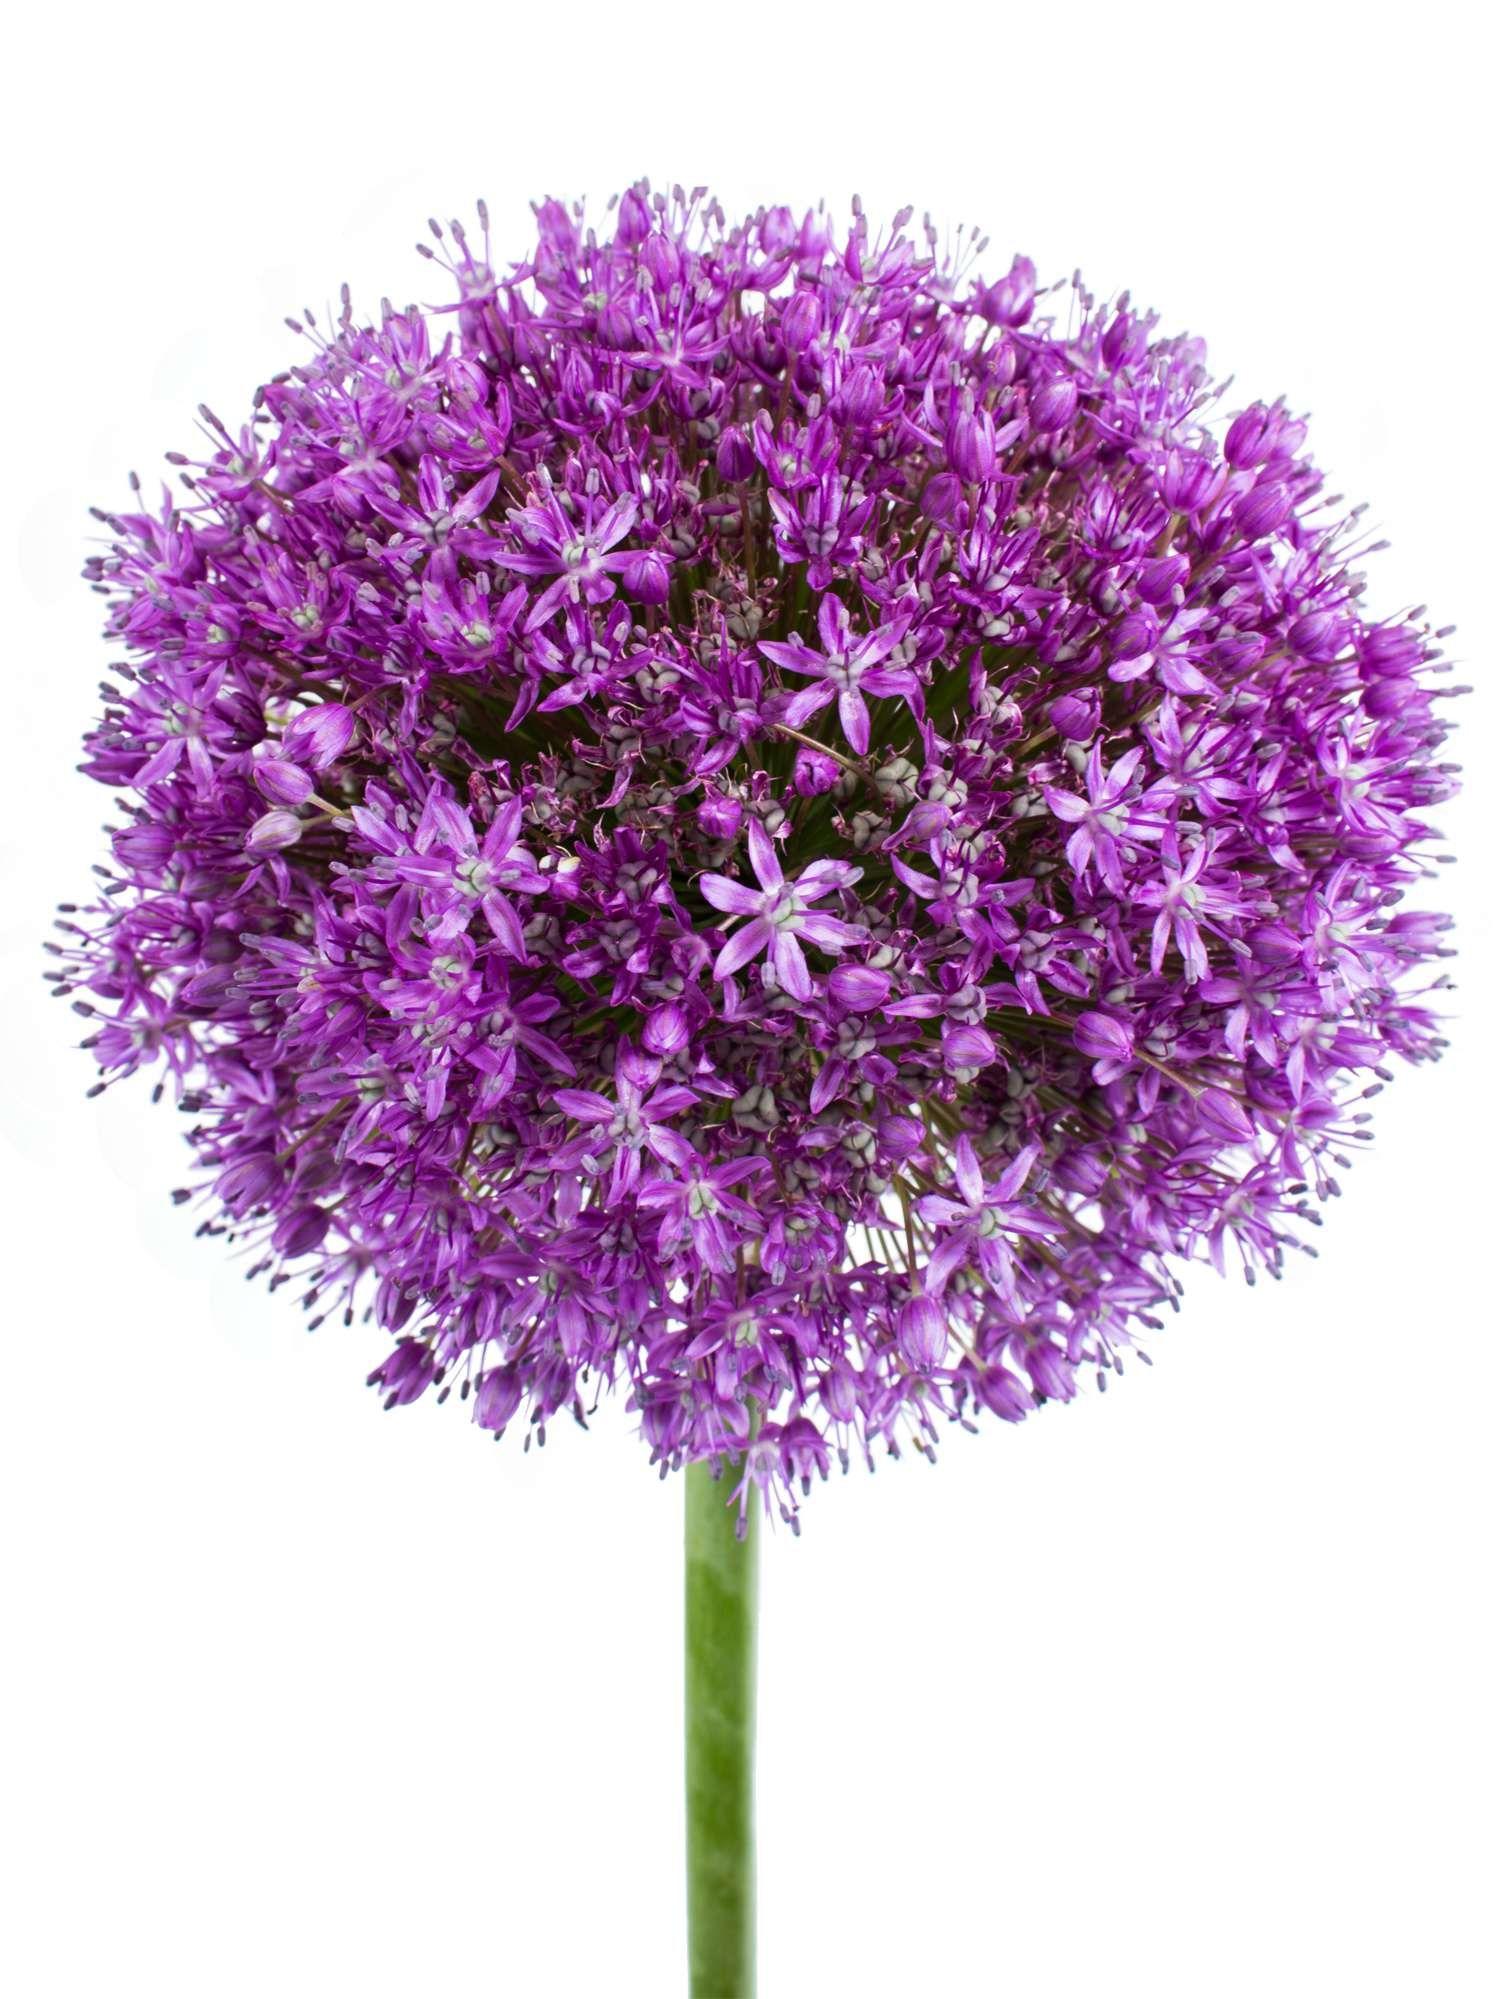 Allium lila violett Giganteum XXL Zierlauch  jetzt entdecken auf Blumigode Schnittblumen